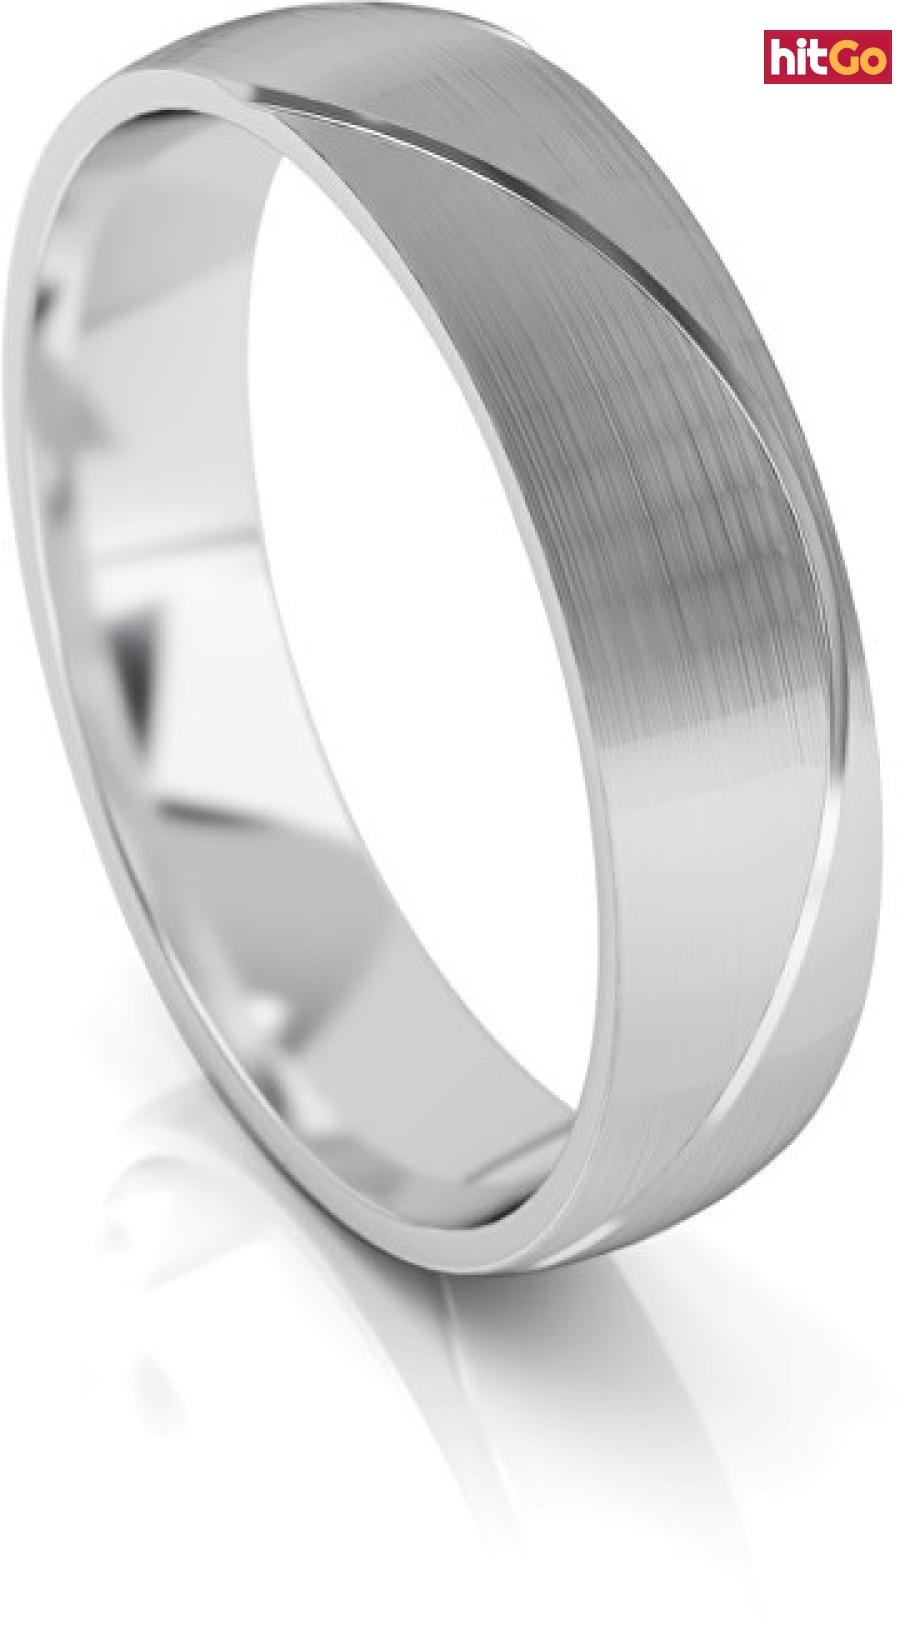 Art Diamond Pánský snubní prsten z bílého zlata AUG284 62 mm pánské